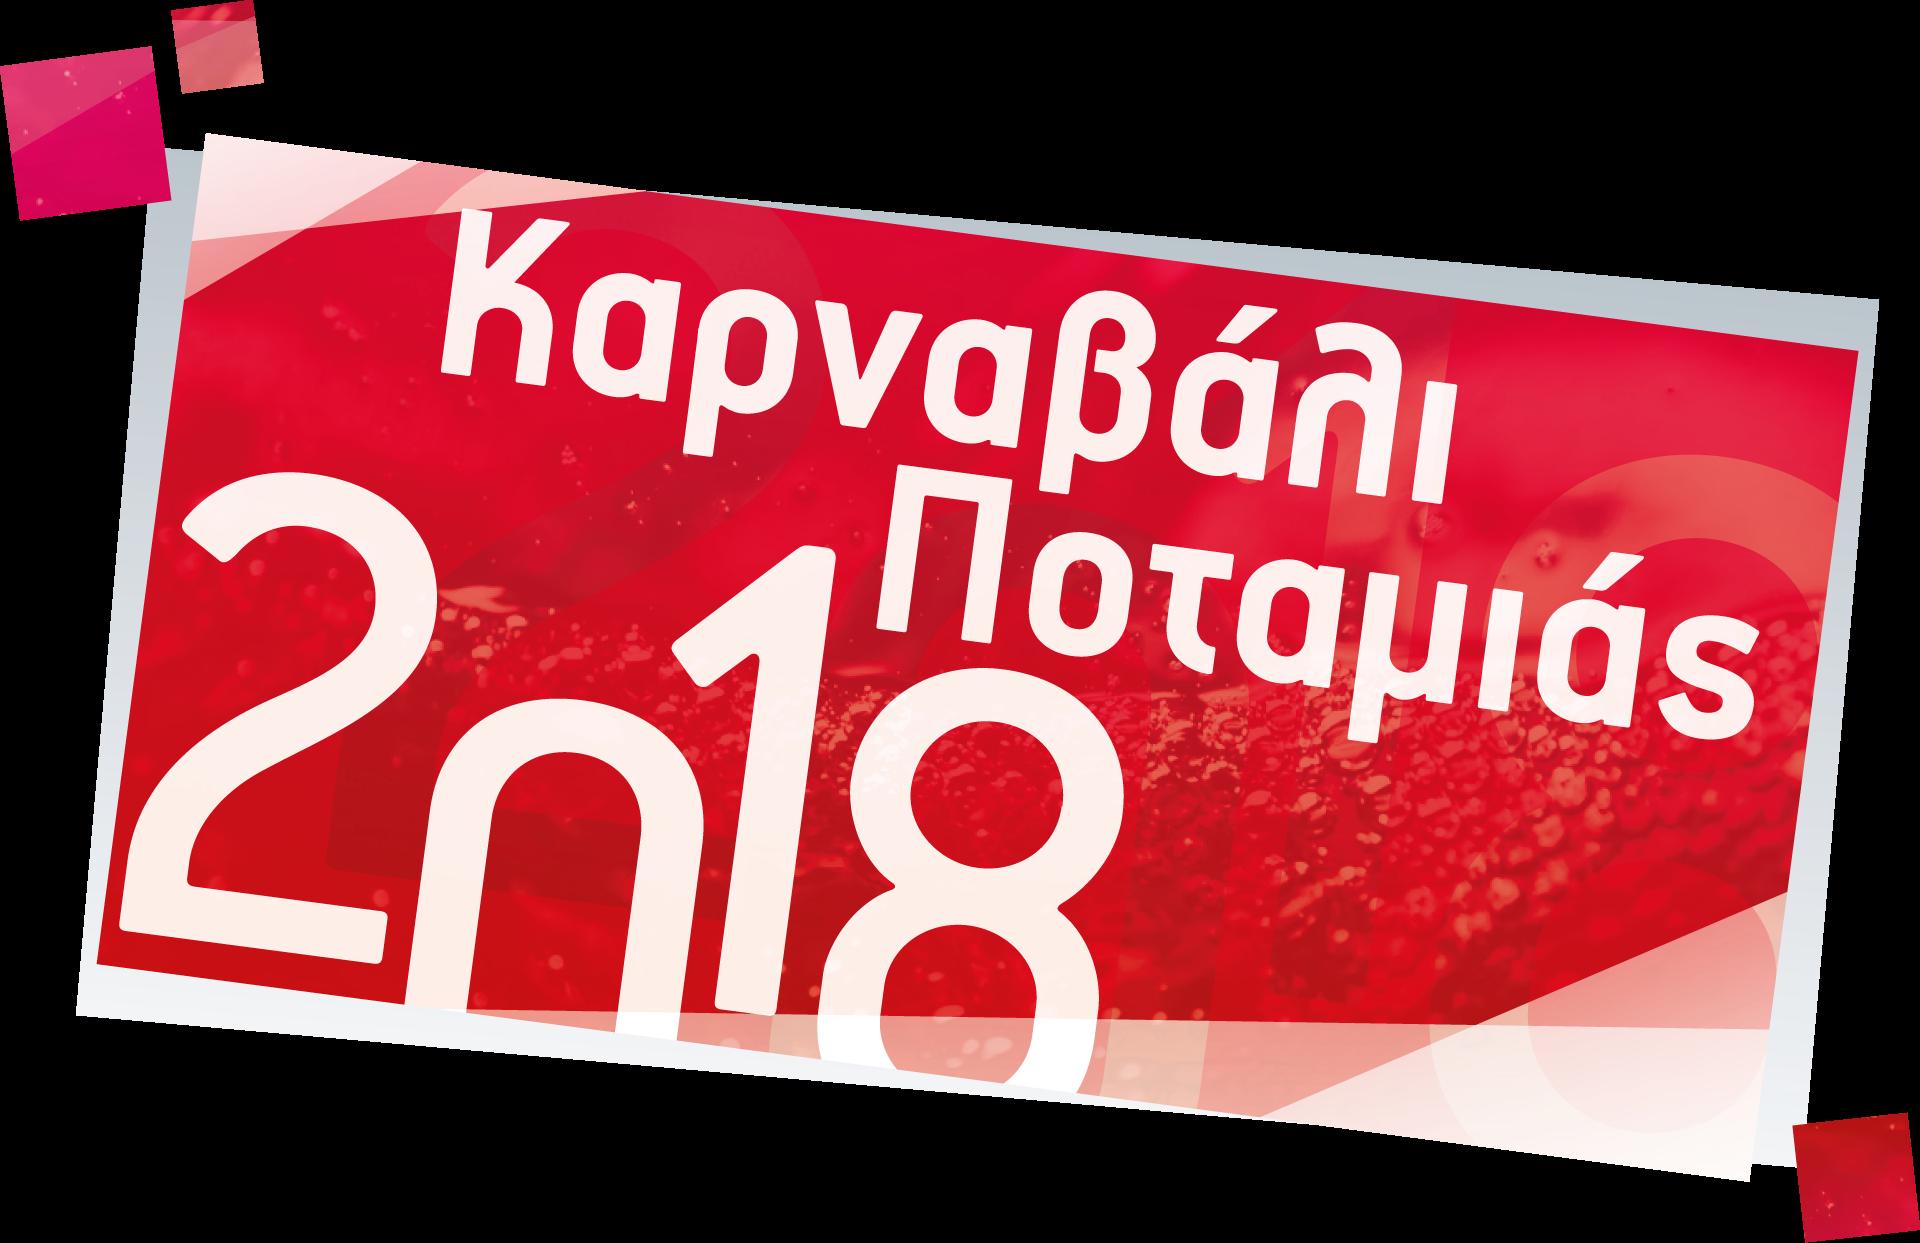 Καρναβάλι Ποταμιάς 2018